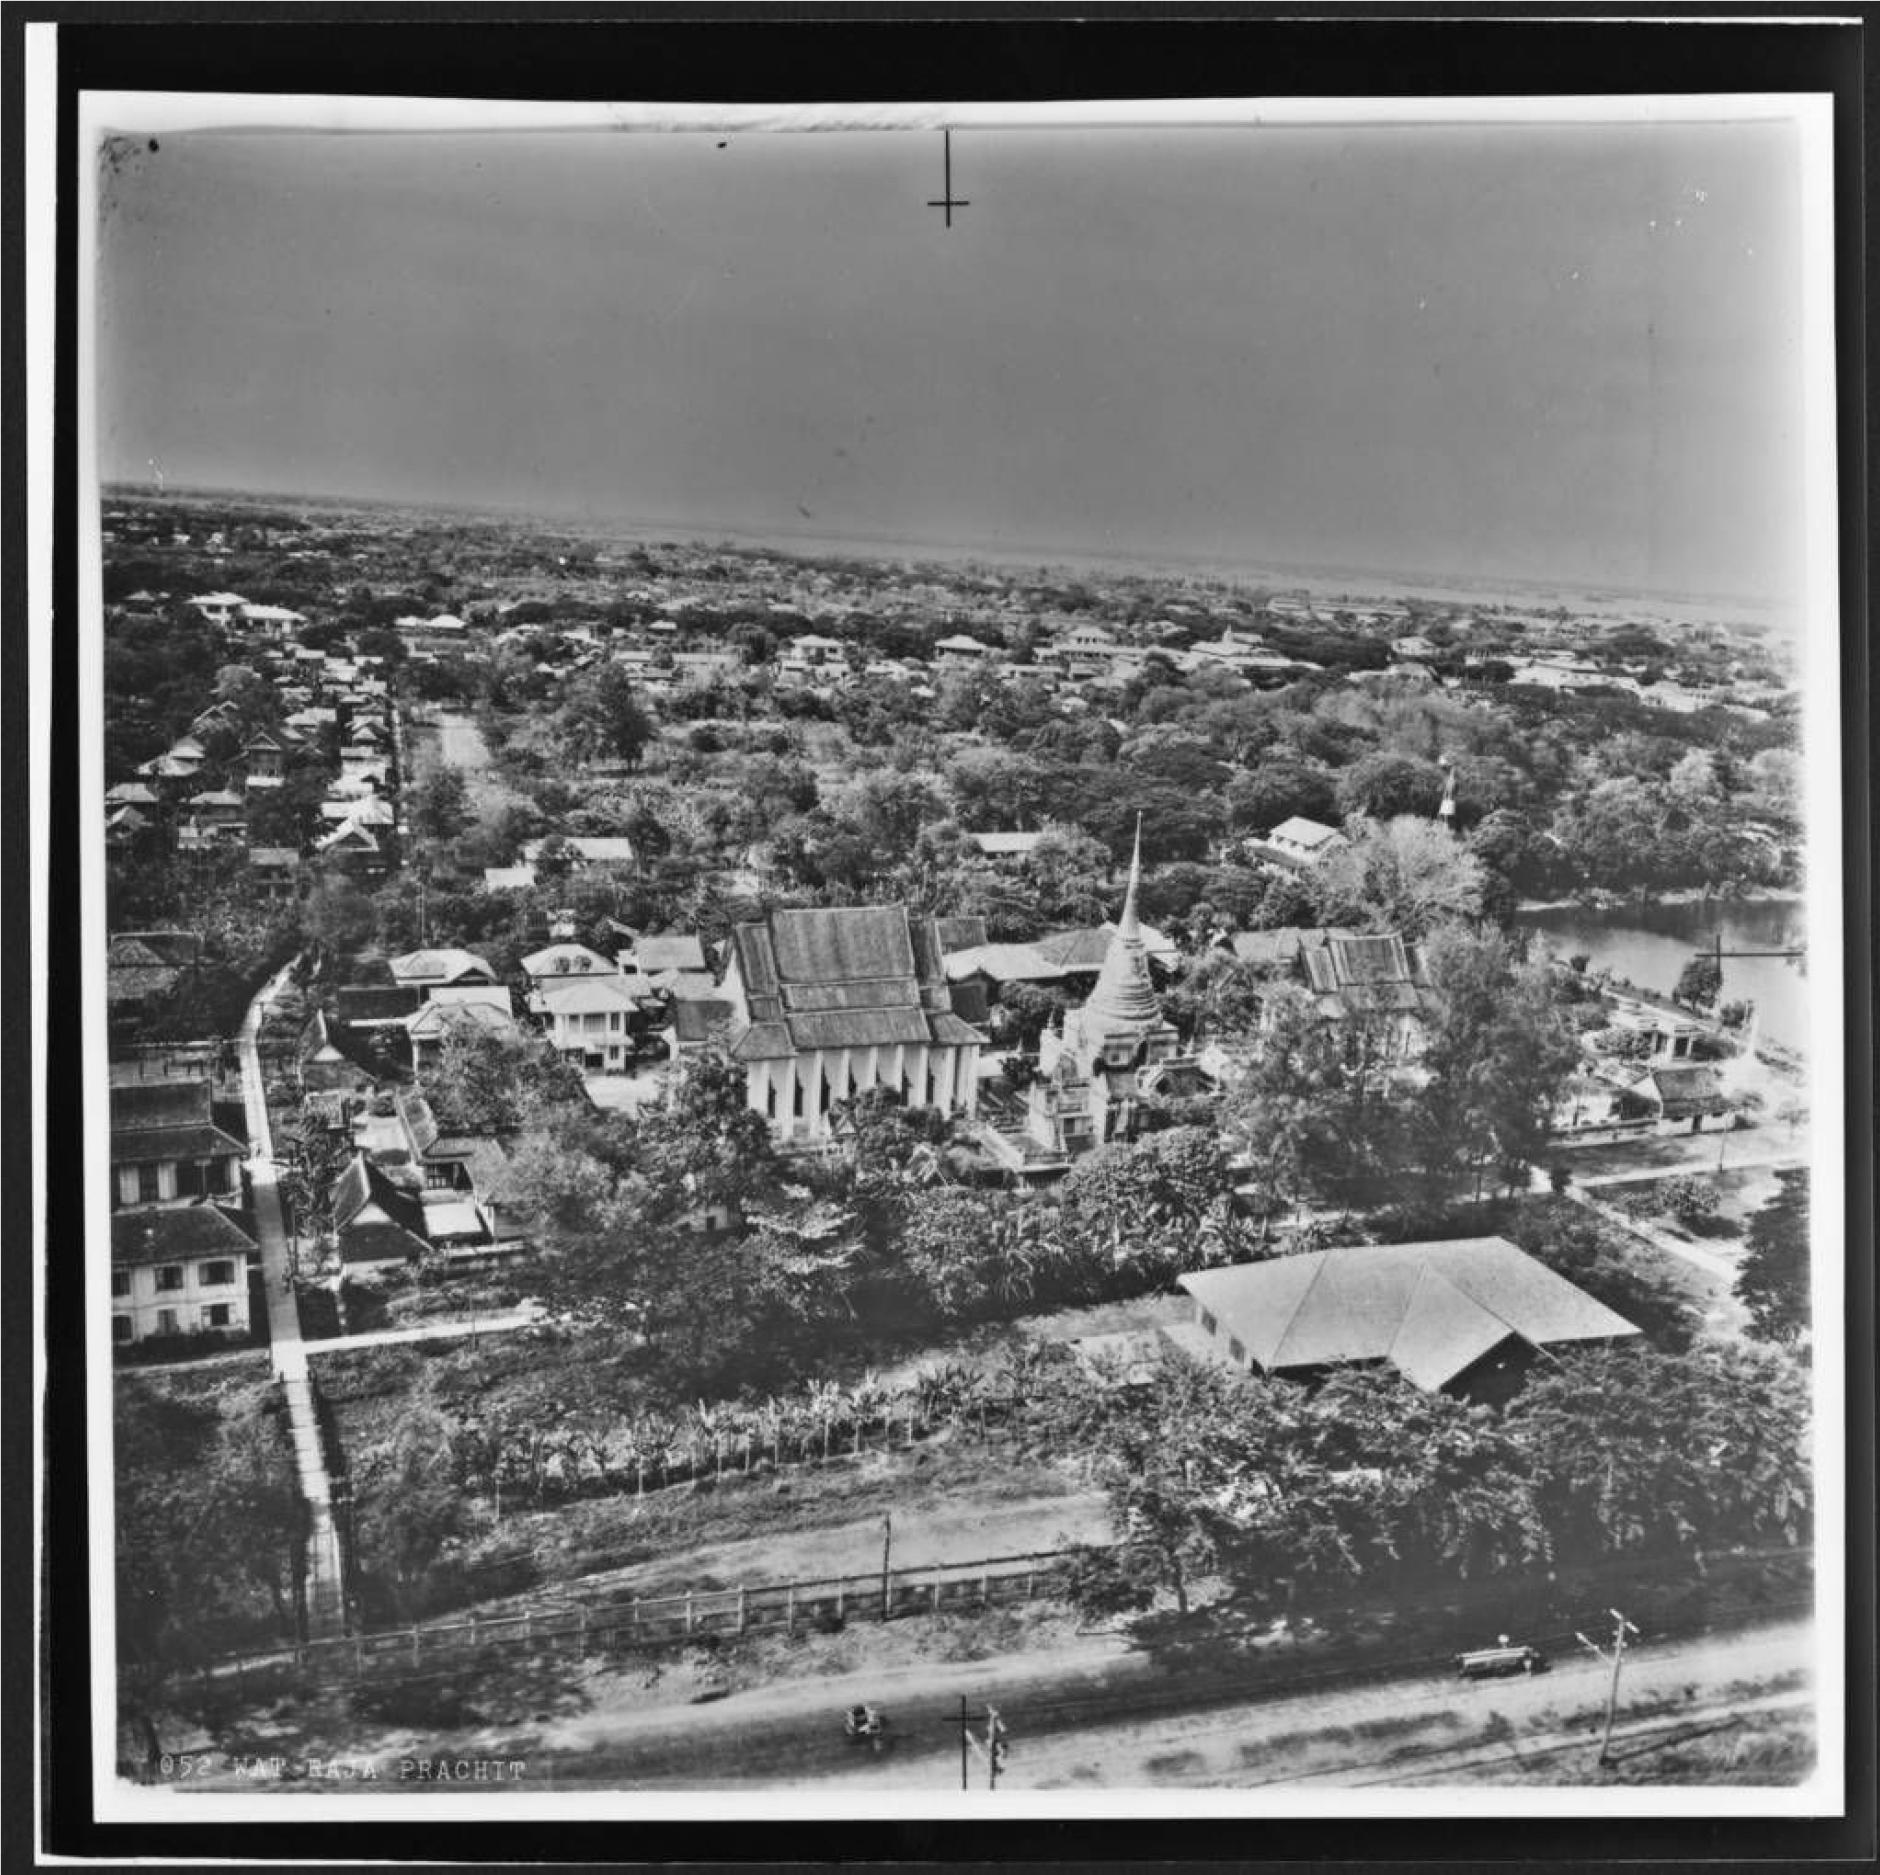 ภาพถ่ายทางอากาศ วัดปทุมวนารามราชวรวิหาร พ.ศ. 2488-2489 หอจดหมายเหตุ โรงแรม Siam Inter-Continental โดนรื้อทิ้ง สร้างสยามพารากอน